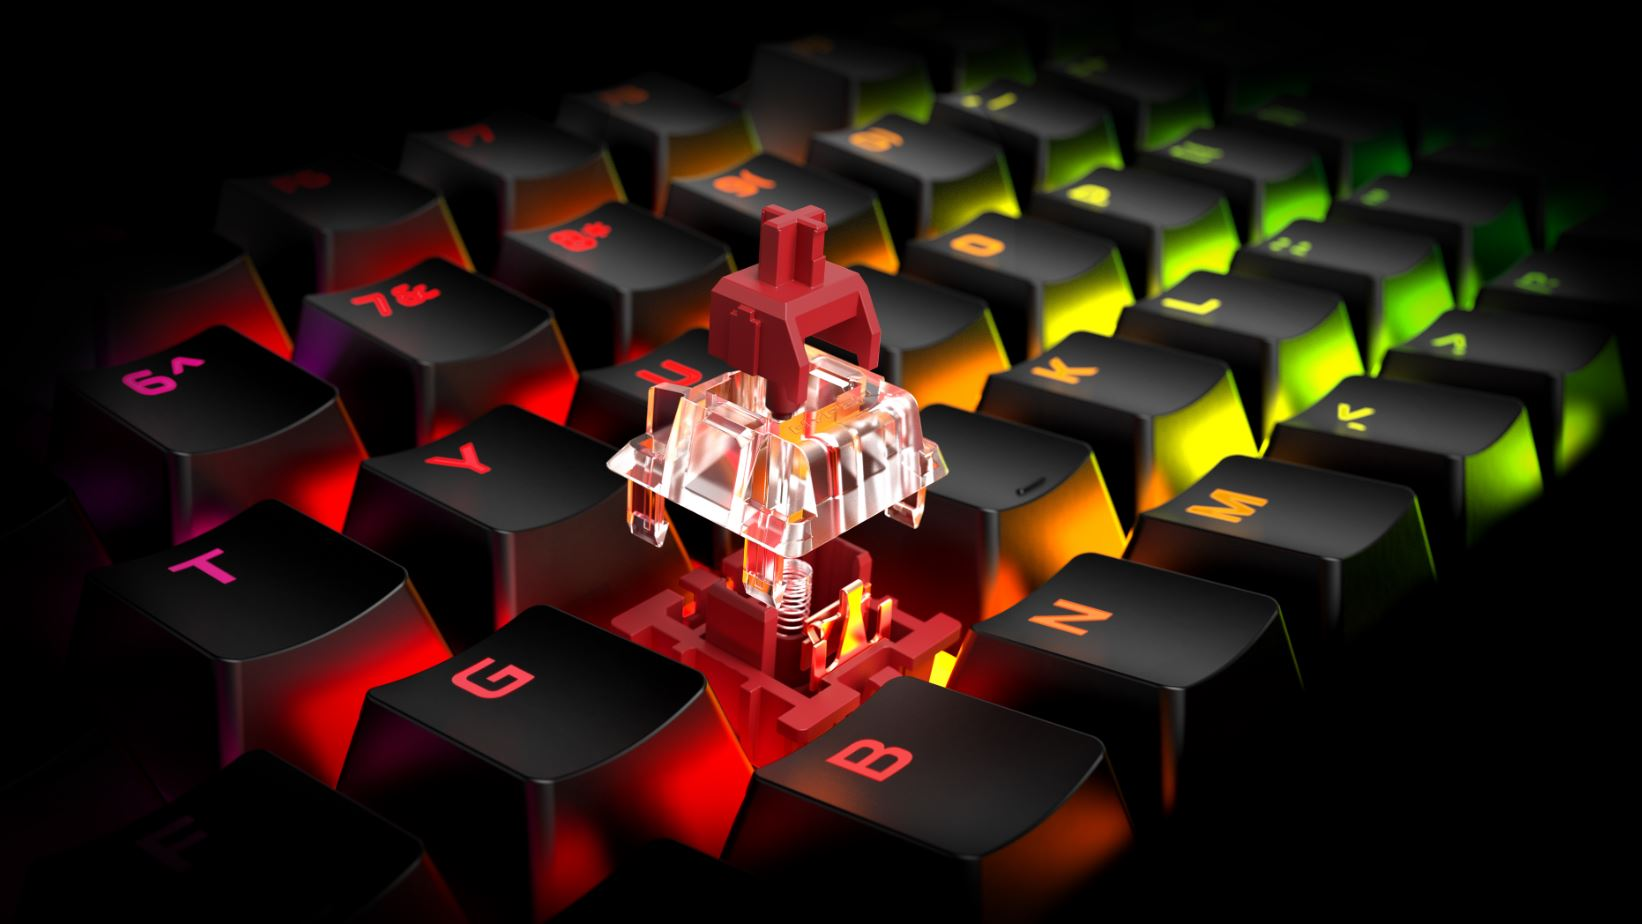 hyperx red switch keycap HyperX เปิดตัวสวิทช์ HyperX Aqua สำหรับคีย์บอร์ดและผลิตภัณฑ์ชาร์จไฟแบบไร้สายที่ได้การรับรอง Qi ที่งาน Gamescom